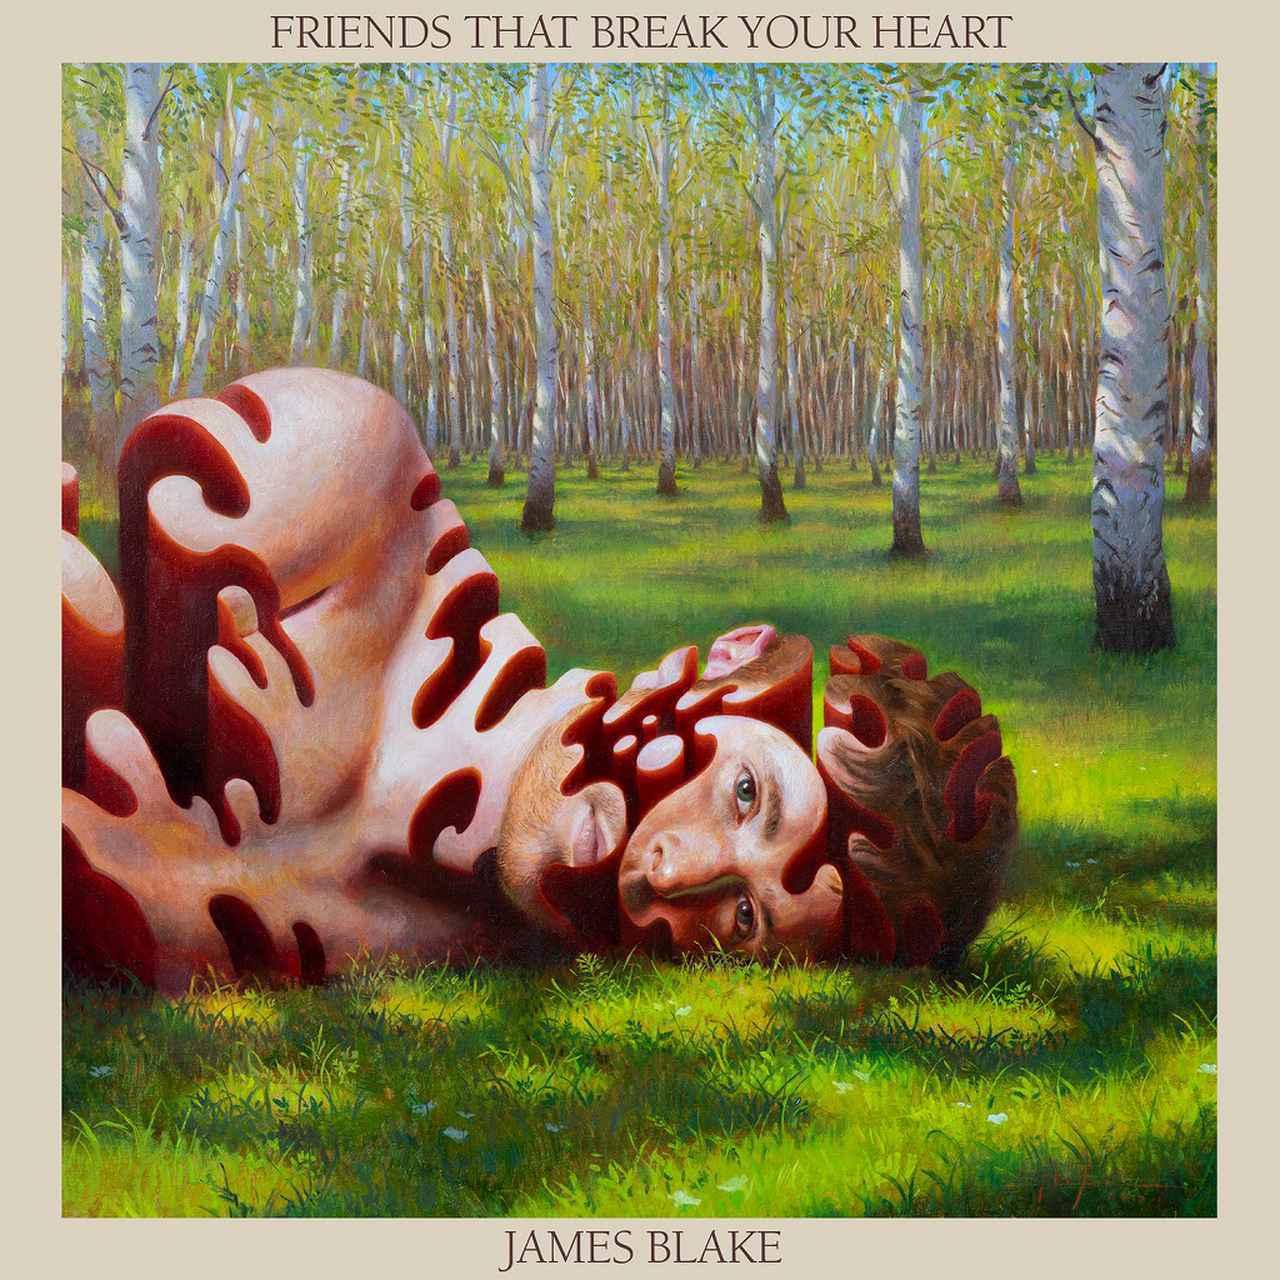 画像: Friends That Break Your Heart / ジェイムス・ブレイク